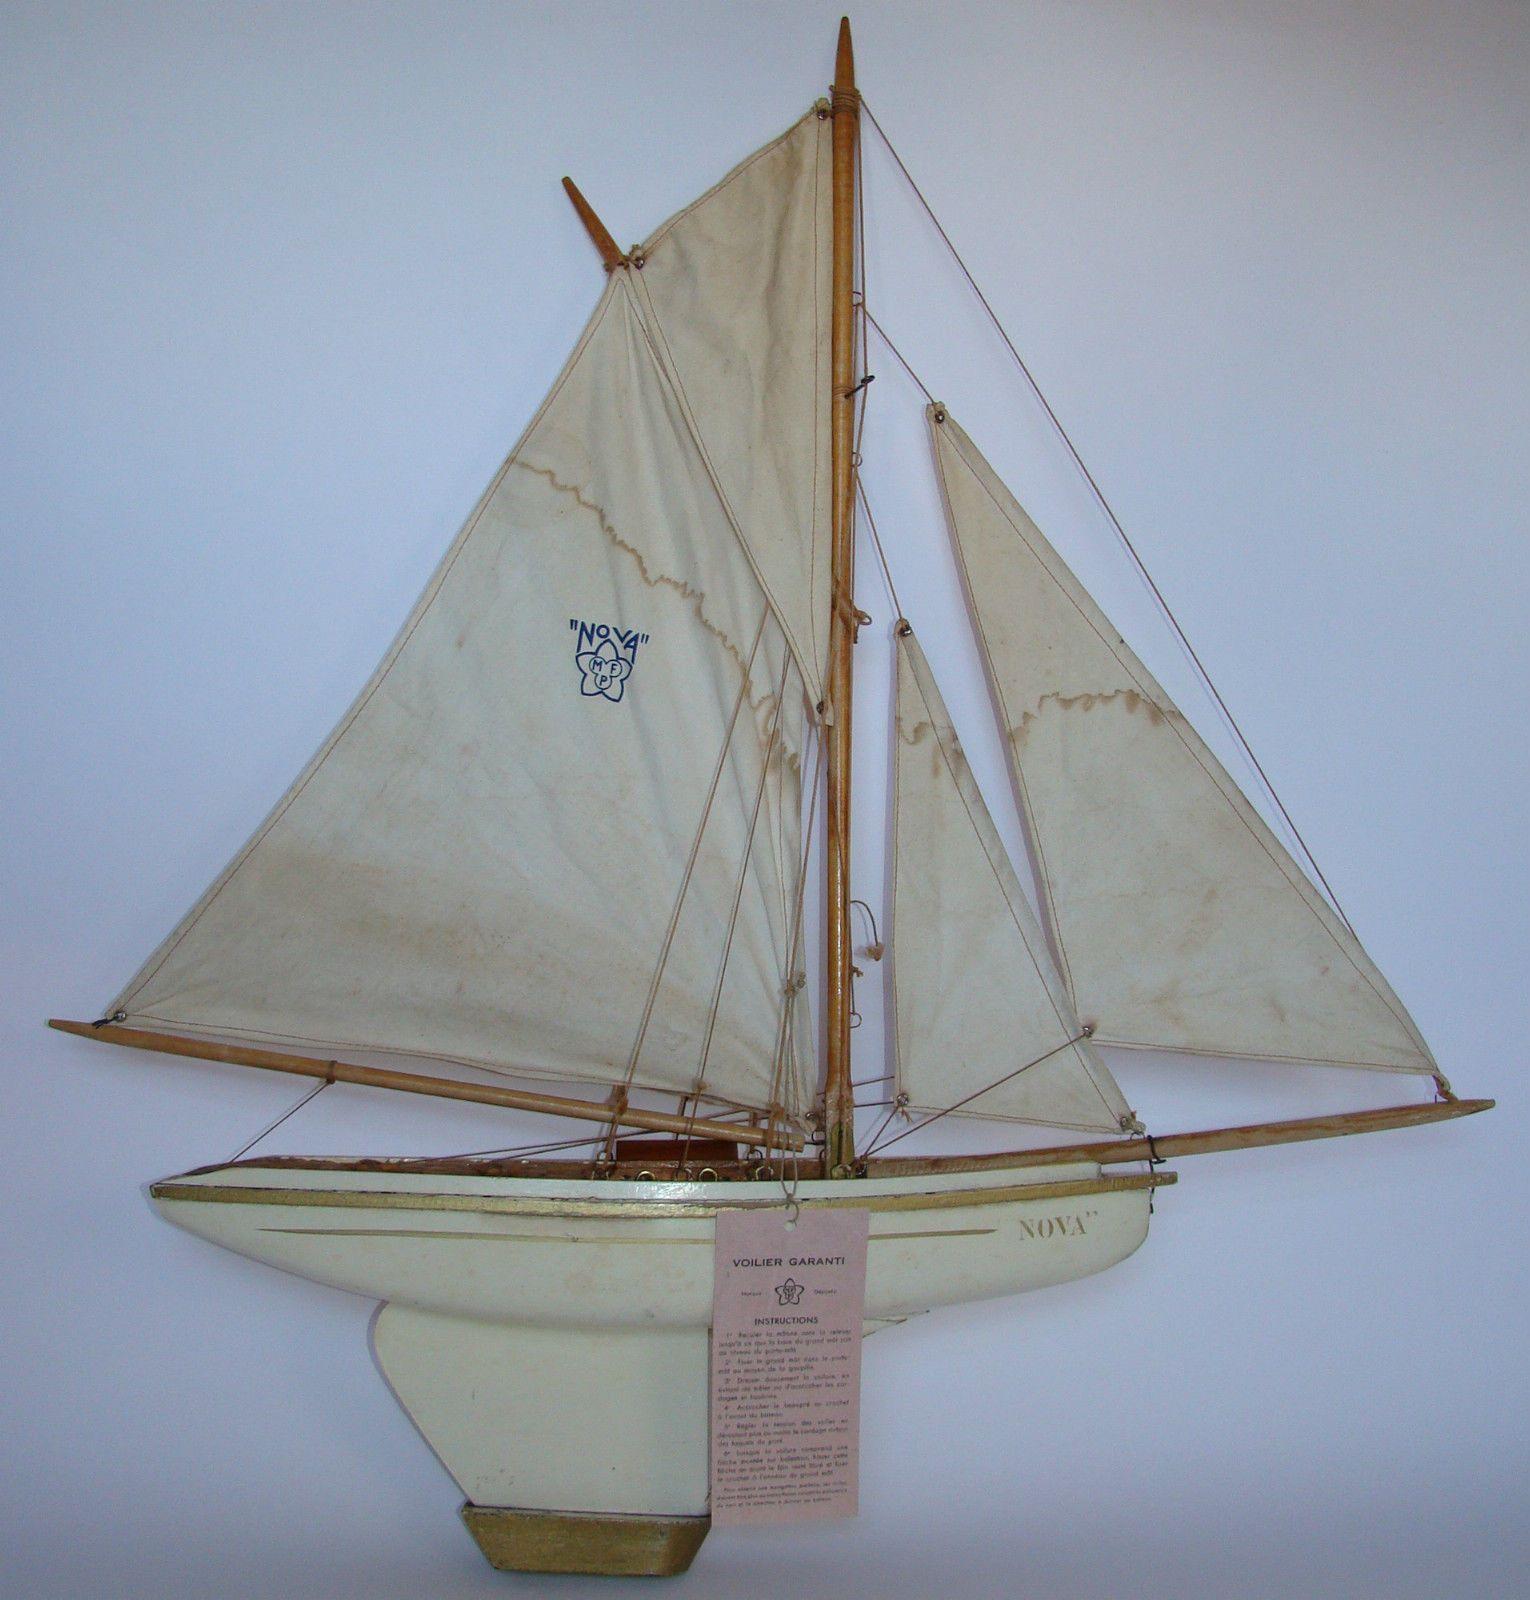 Canot de bassin bateau voilier nova n 6 4 voiles avec notice d 39 utilisation jouets et jeux - Voilier de bassin ancien nanterre ...